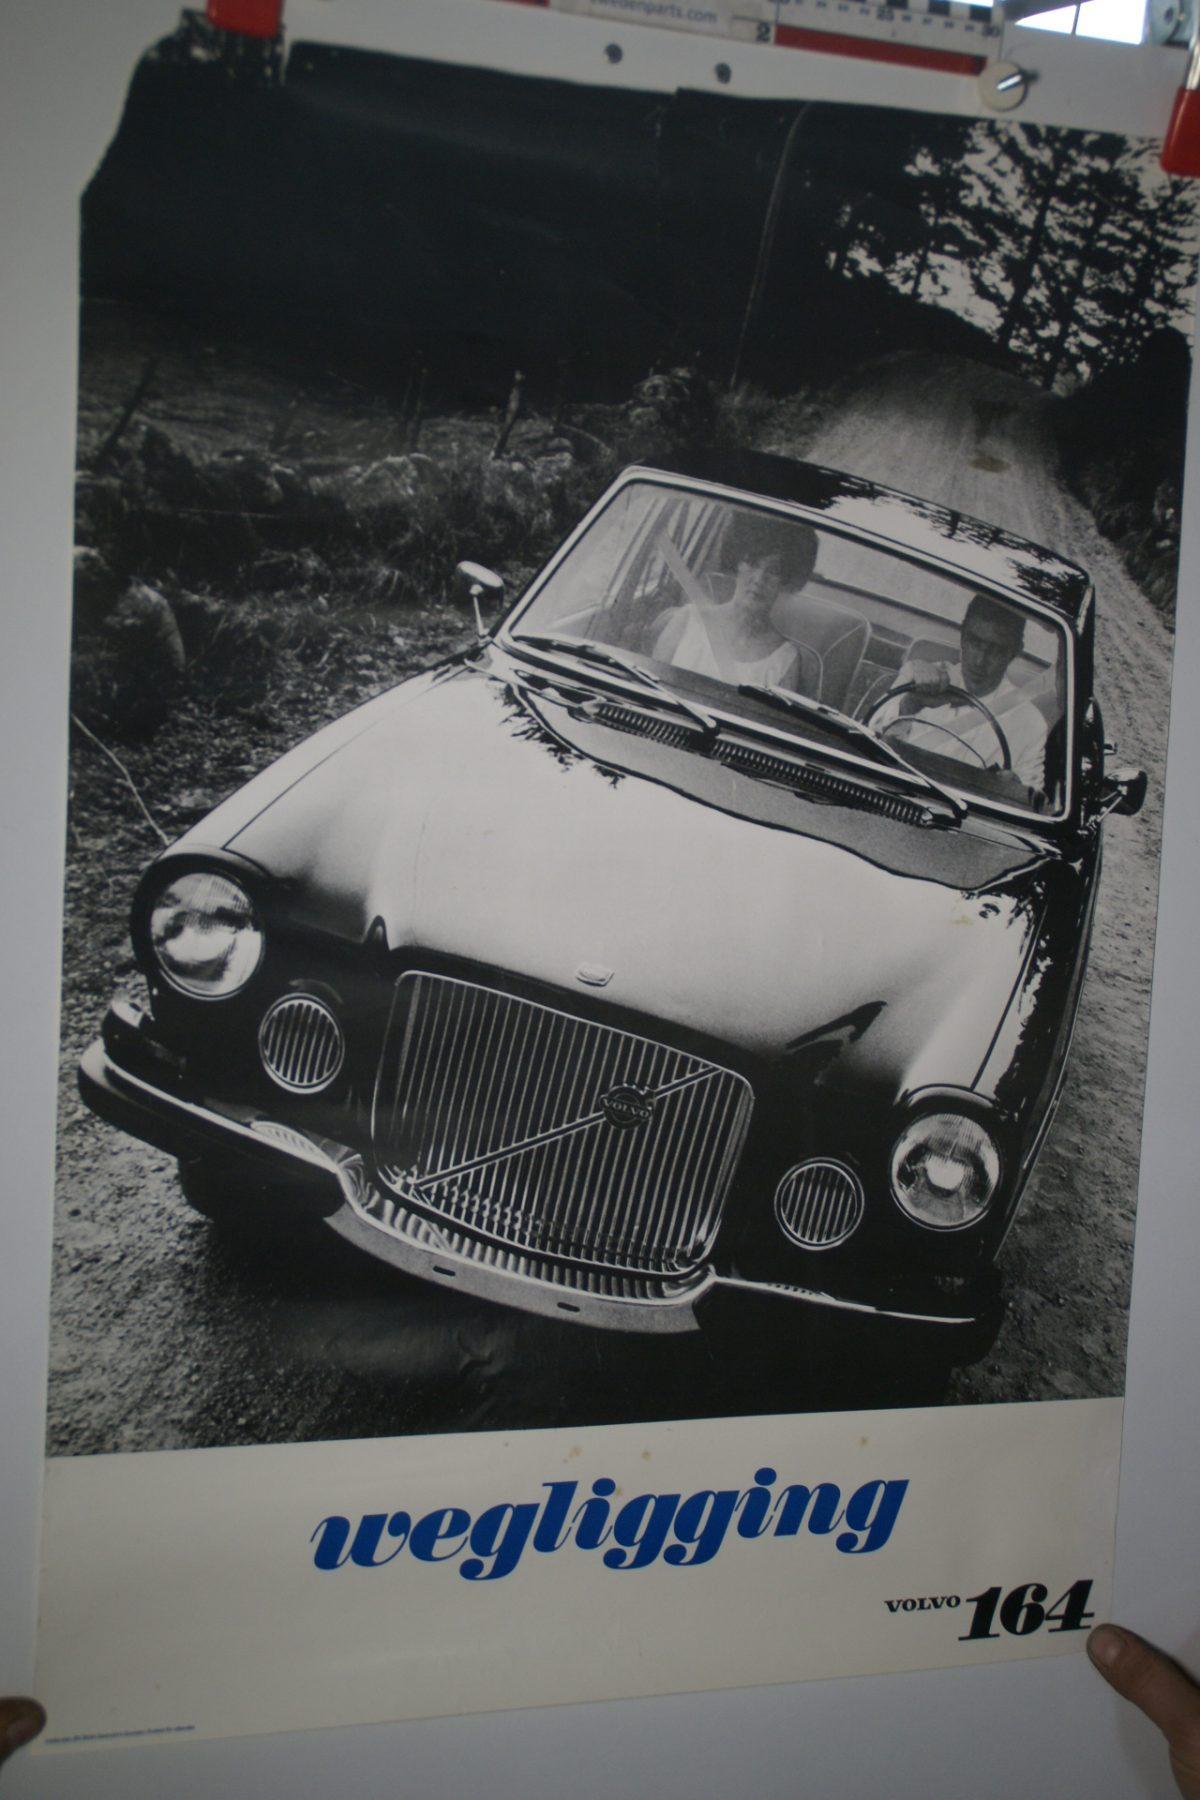 DSC02235 Volvo 164 donker poster 3644